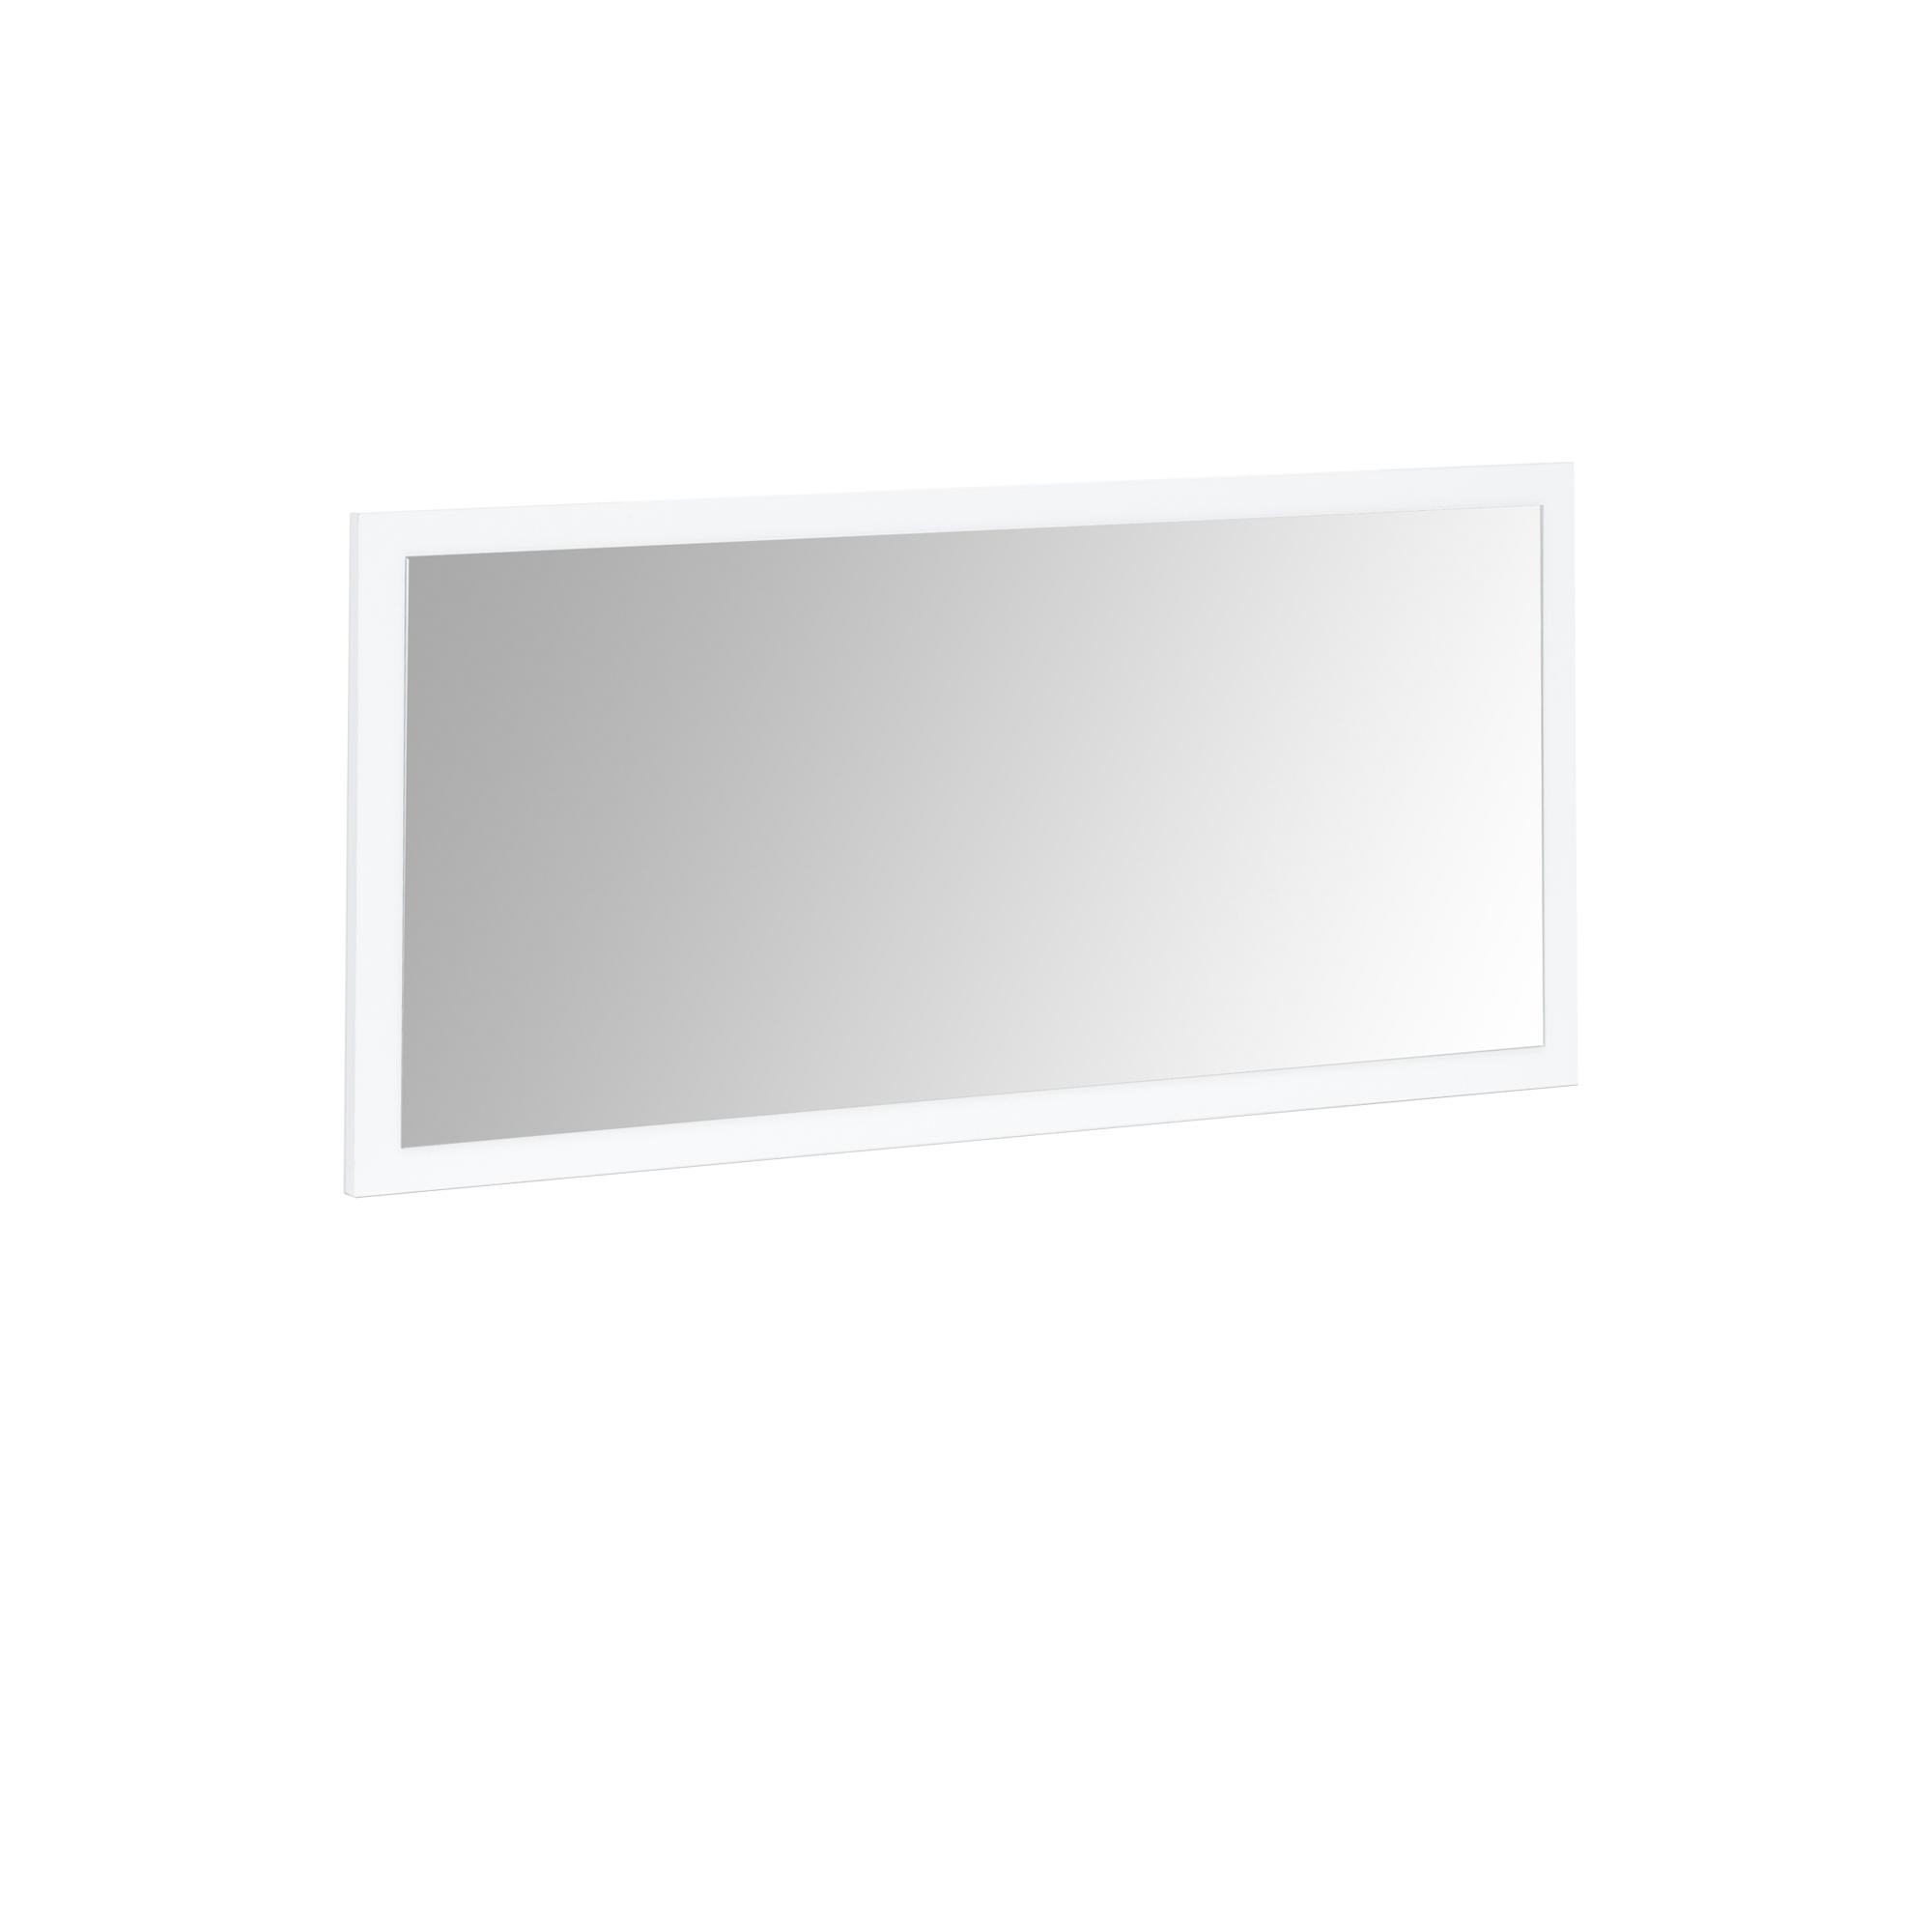 spiegel mia 76 x 38 cm wei wohnen spiegel. Black Bedroom Furniture Sets. Home Design Ideas